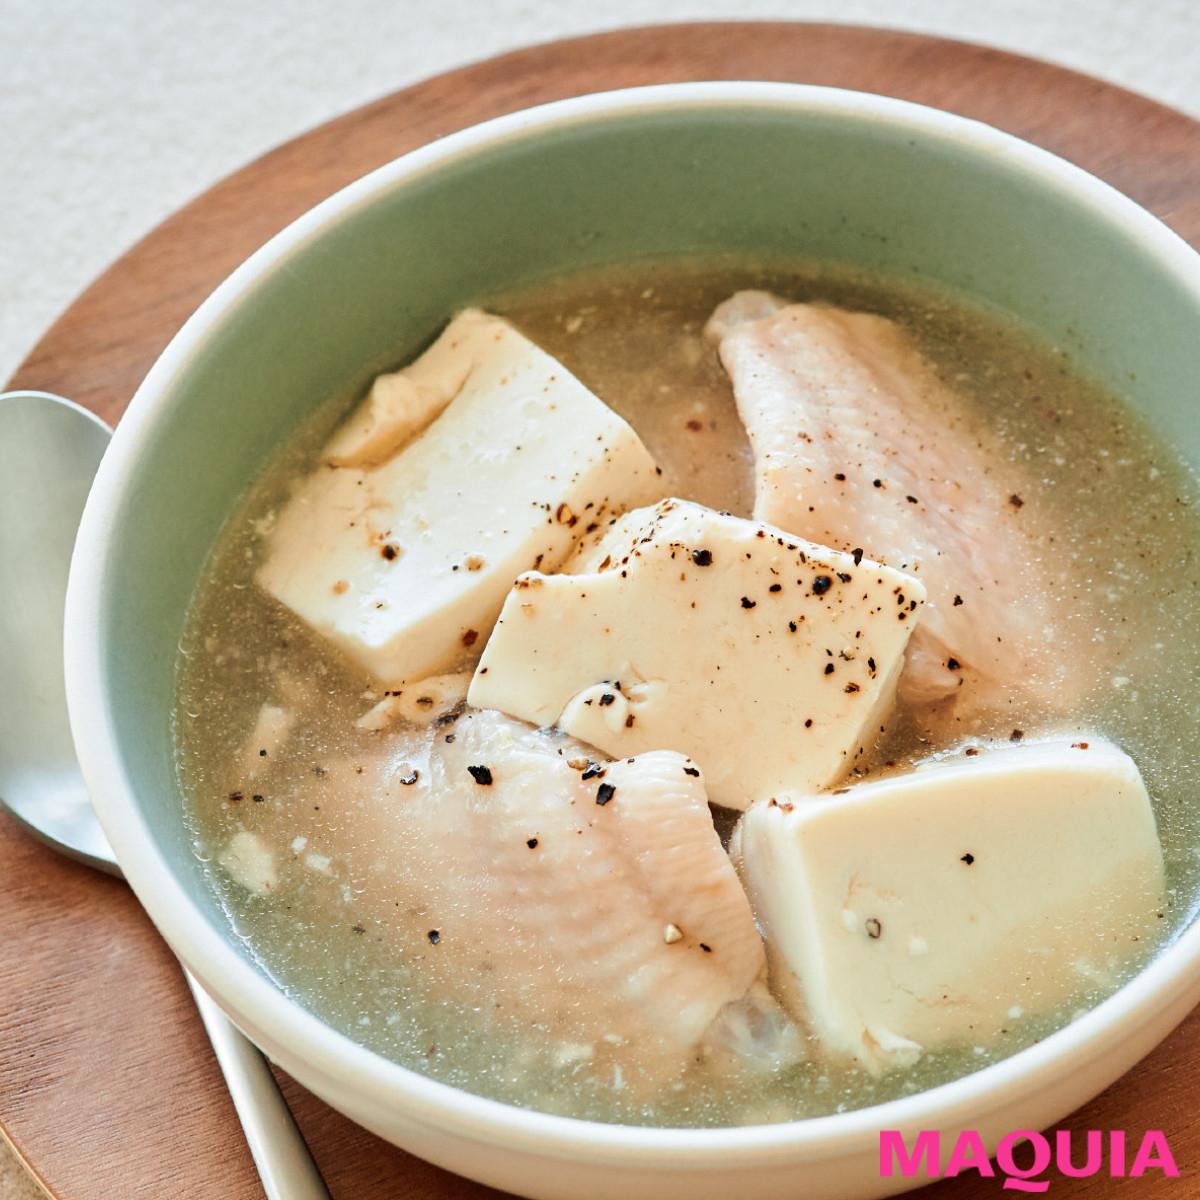 「心」に効く薬膳レシピ! イライラ解消スープ、やる気を高める炒め物